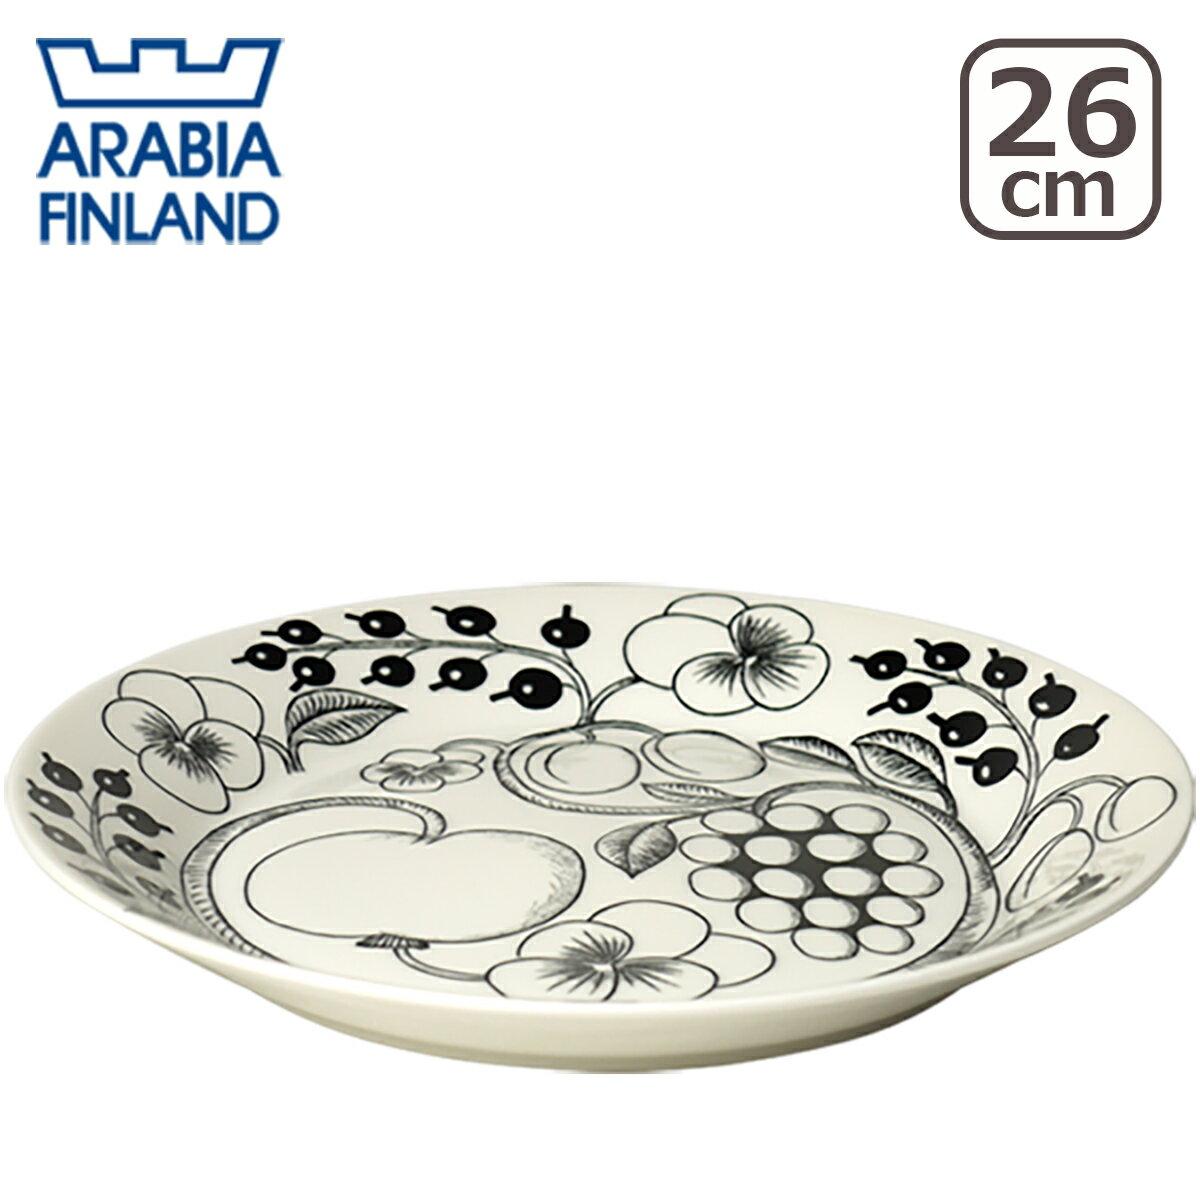 アラビア(Arabia) ブラックパラティッシ(ブラック パラティッシ) 26cmプレート (Paratiisi) 北欧 フィンランド 食器